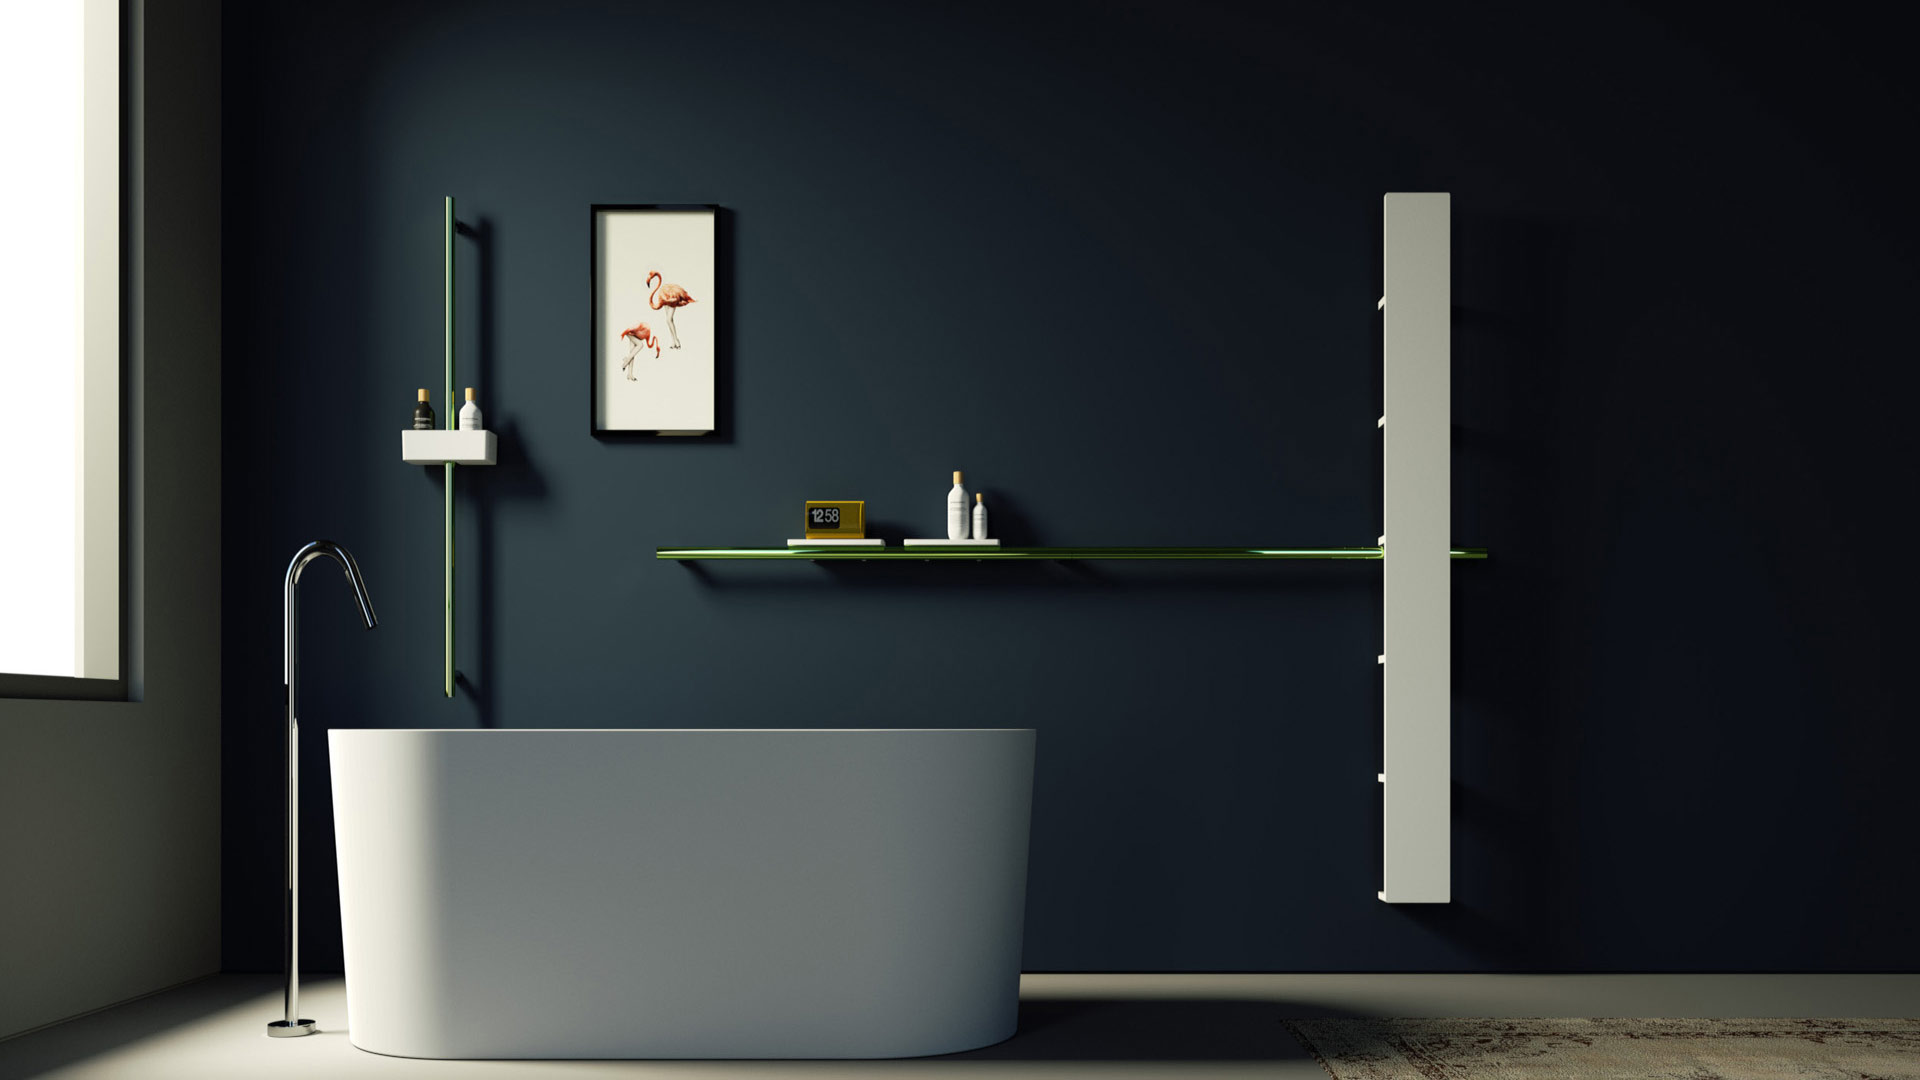 Vasca Da Bagno In Inglese Come Si Scrive : Un bagno bello e confortevole come un salotto stile